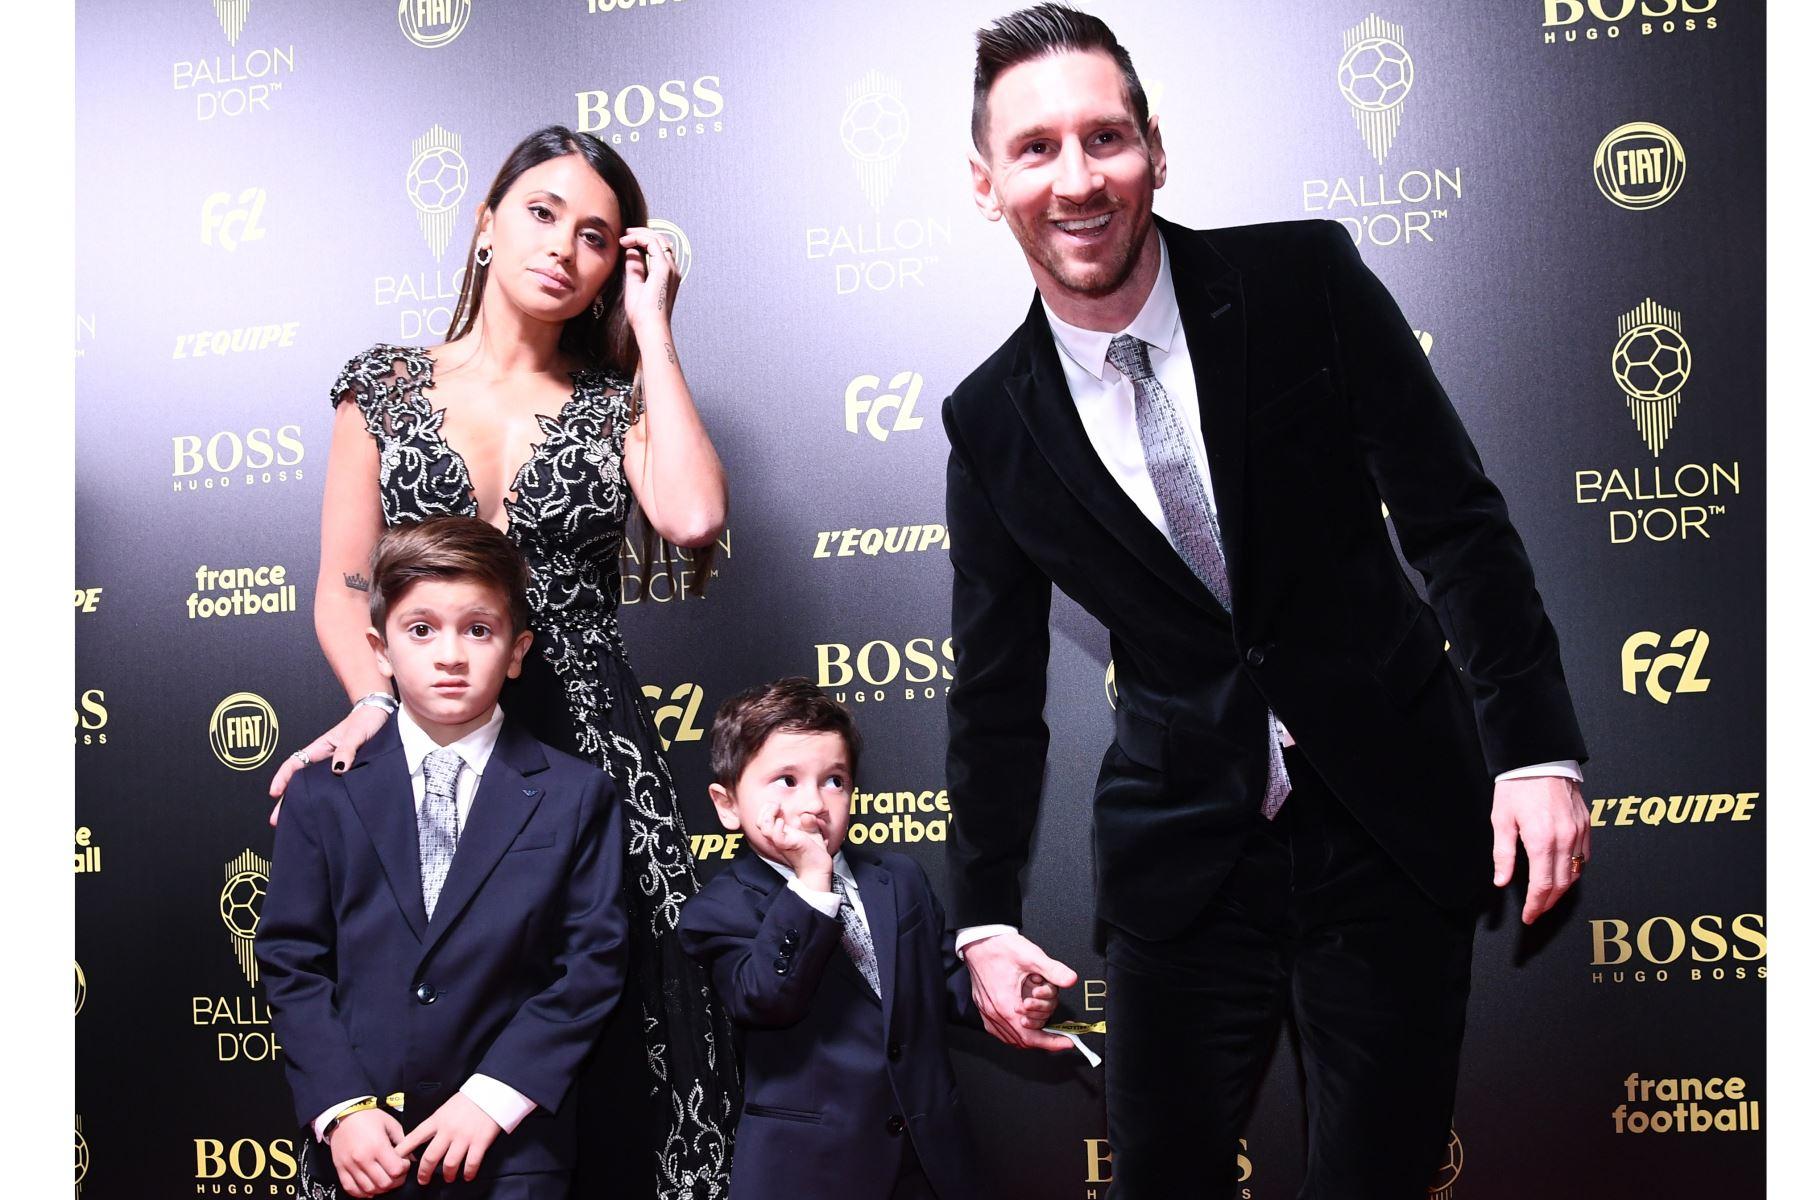 El delantero argentino del Barcelona Lionel Messi y su esposa Antonella Roccuzzo y sus hijos Thiago y Mateo llegan para asistir a la ceremonia del Balón de Oro en París. Foto: AFP